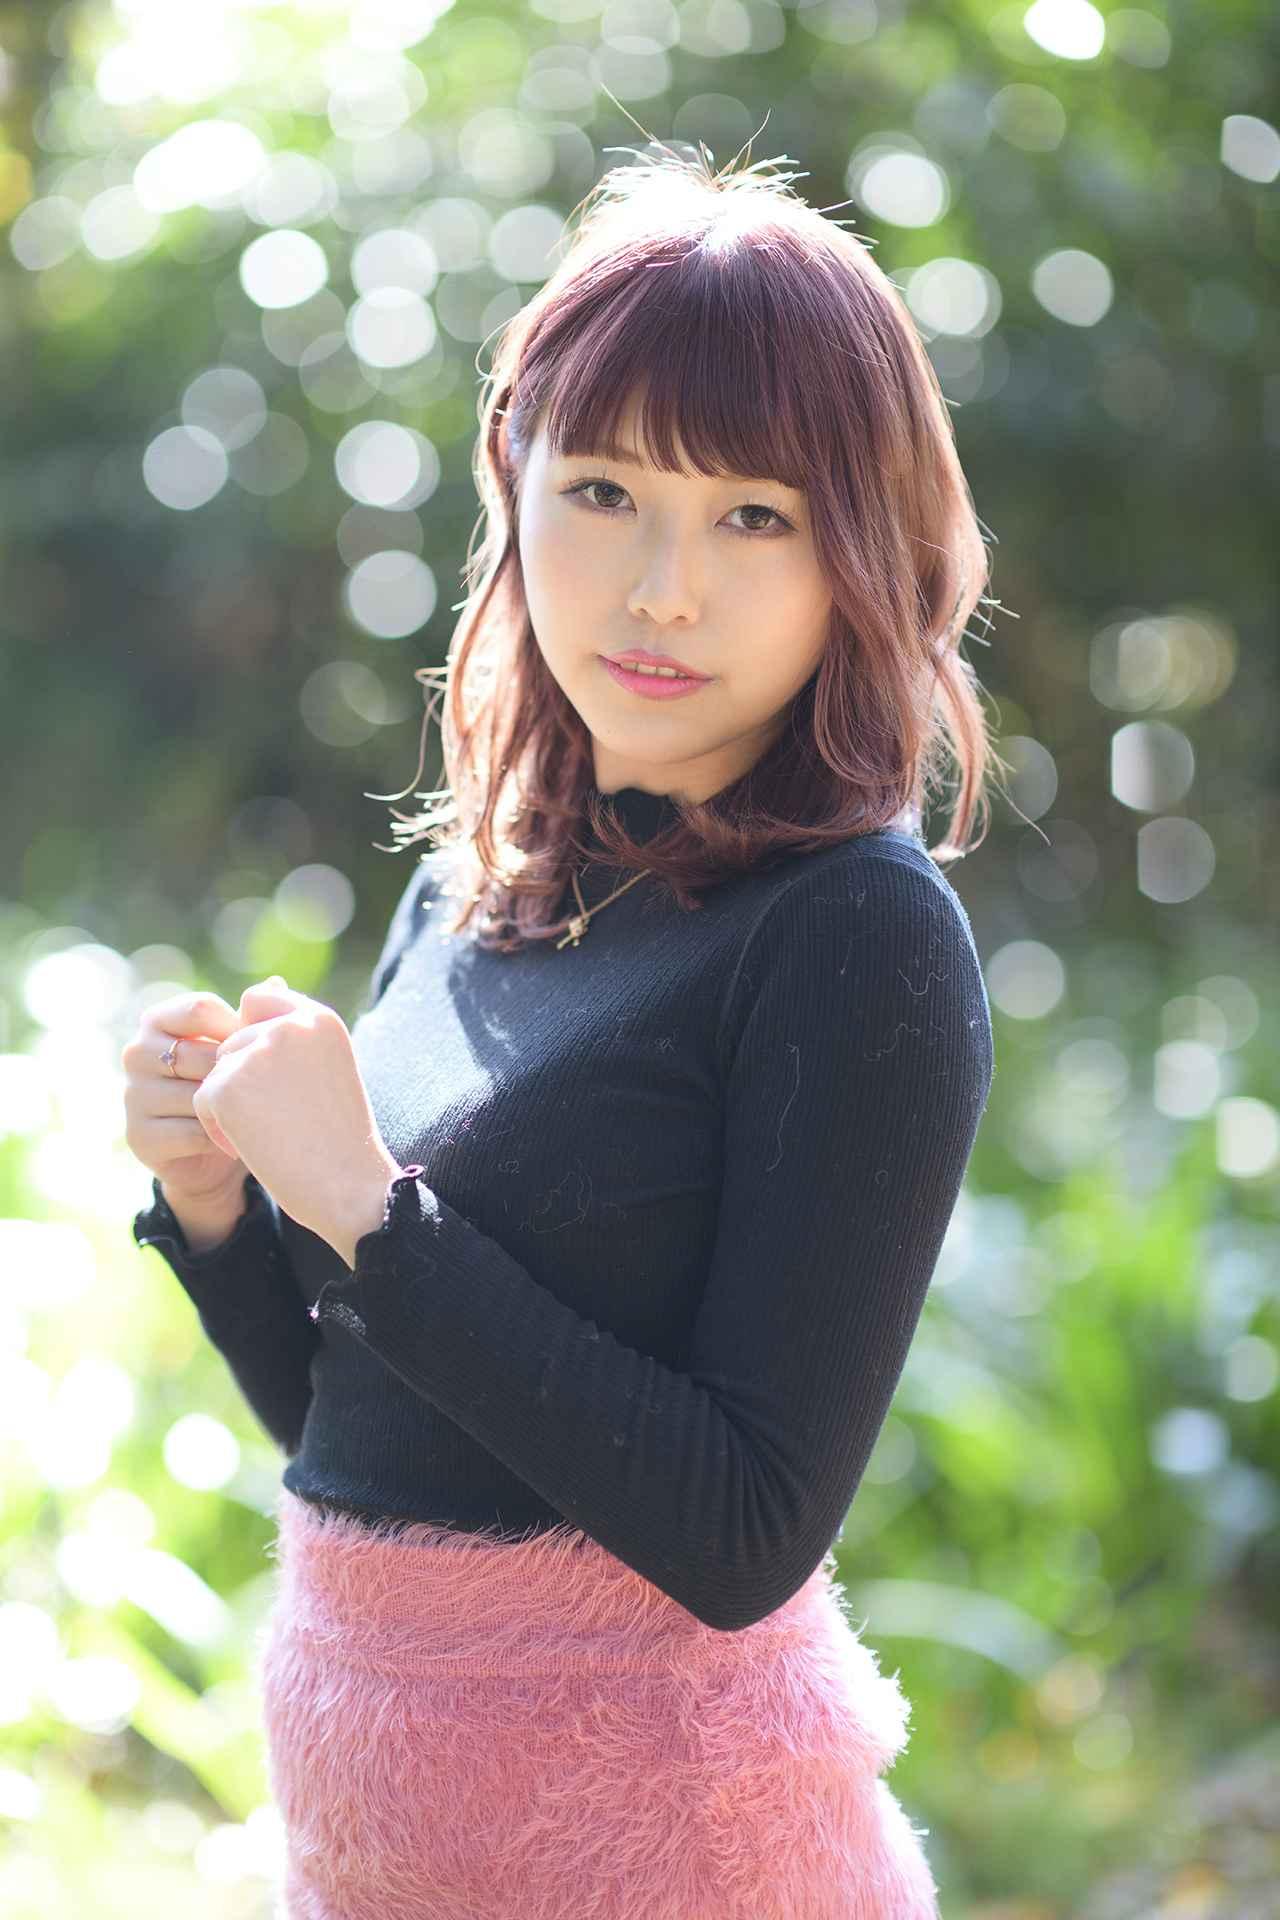 画像: 倉田夏希さんをもっと知りたい方はこちらを検索!